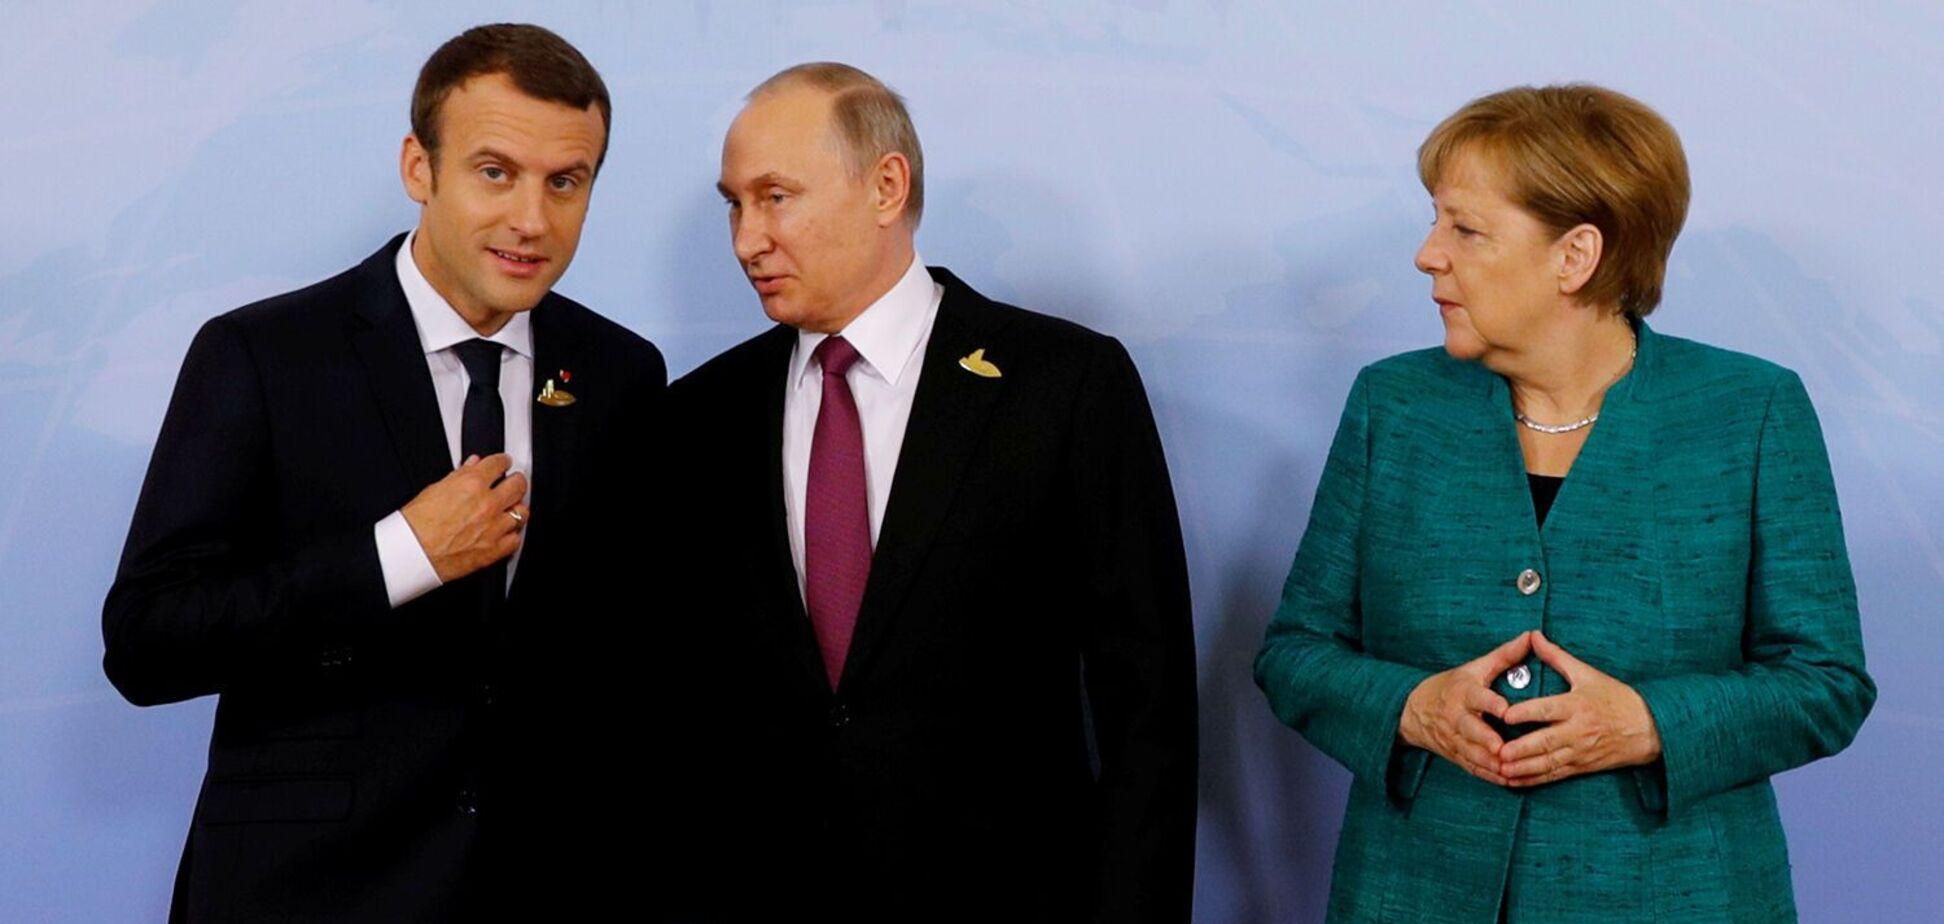 Эммануэль Макарон, Владимир Путин и Ангела Меркель на одной из рабочих встреч